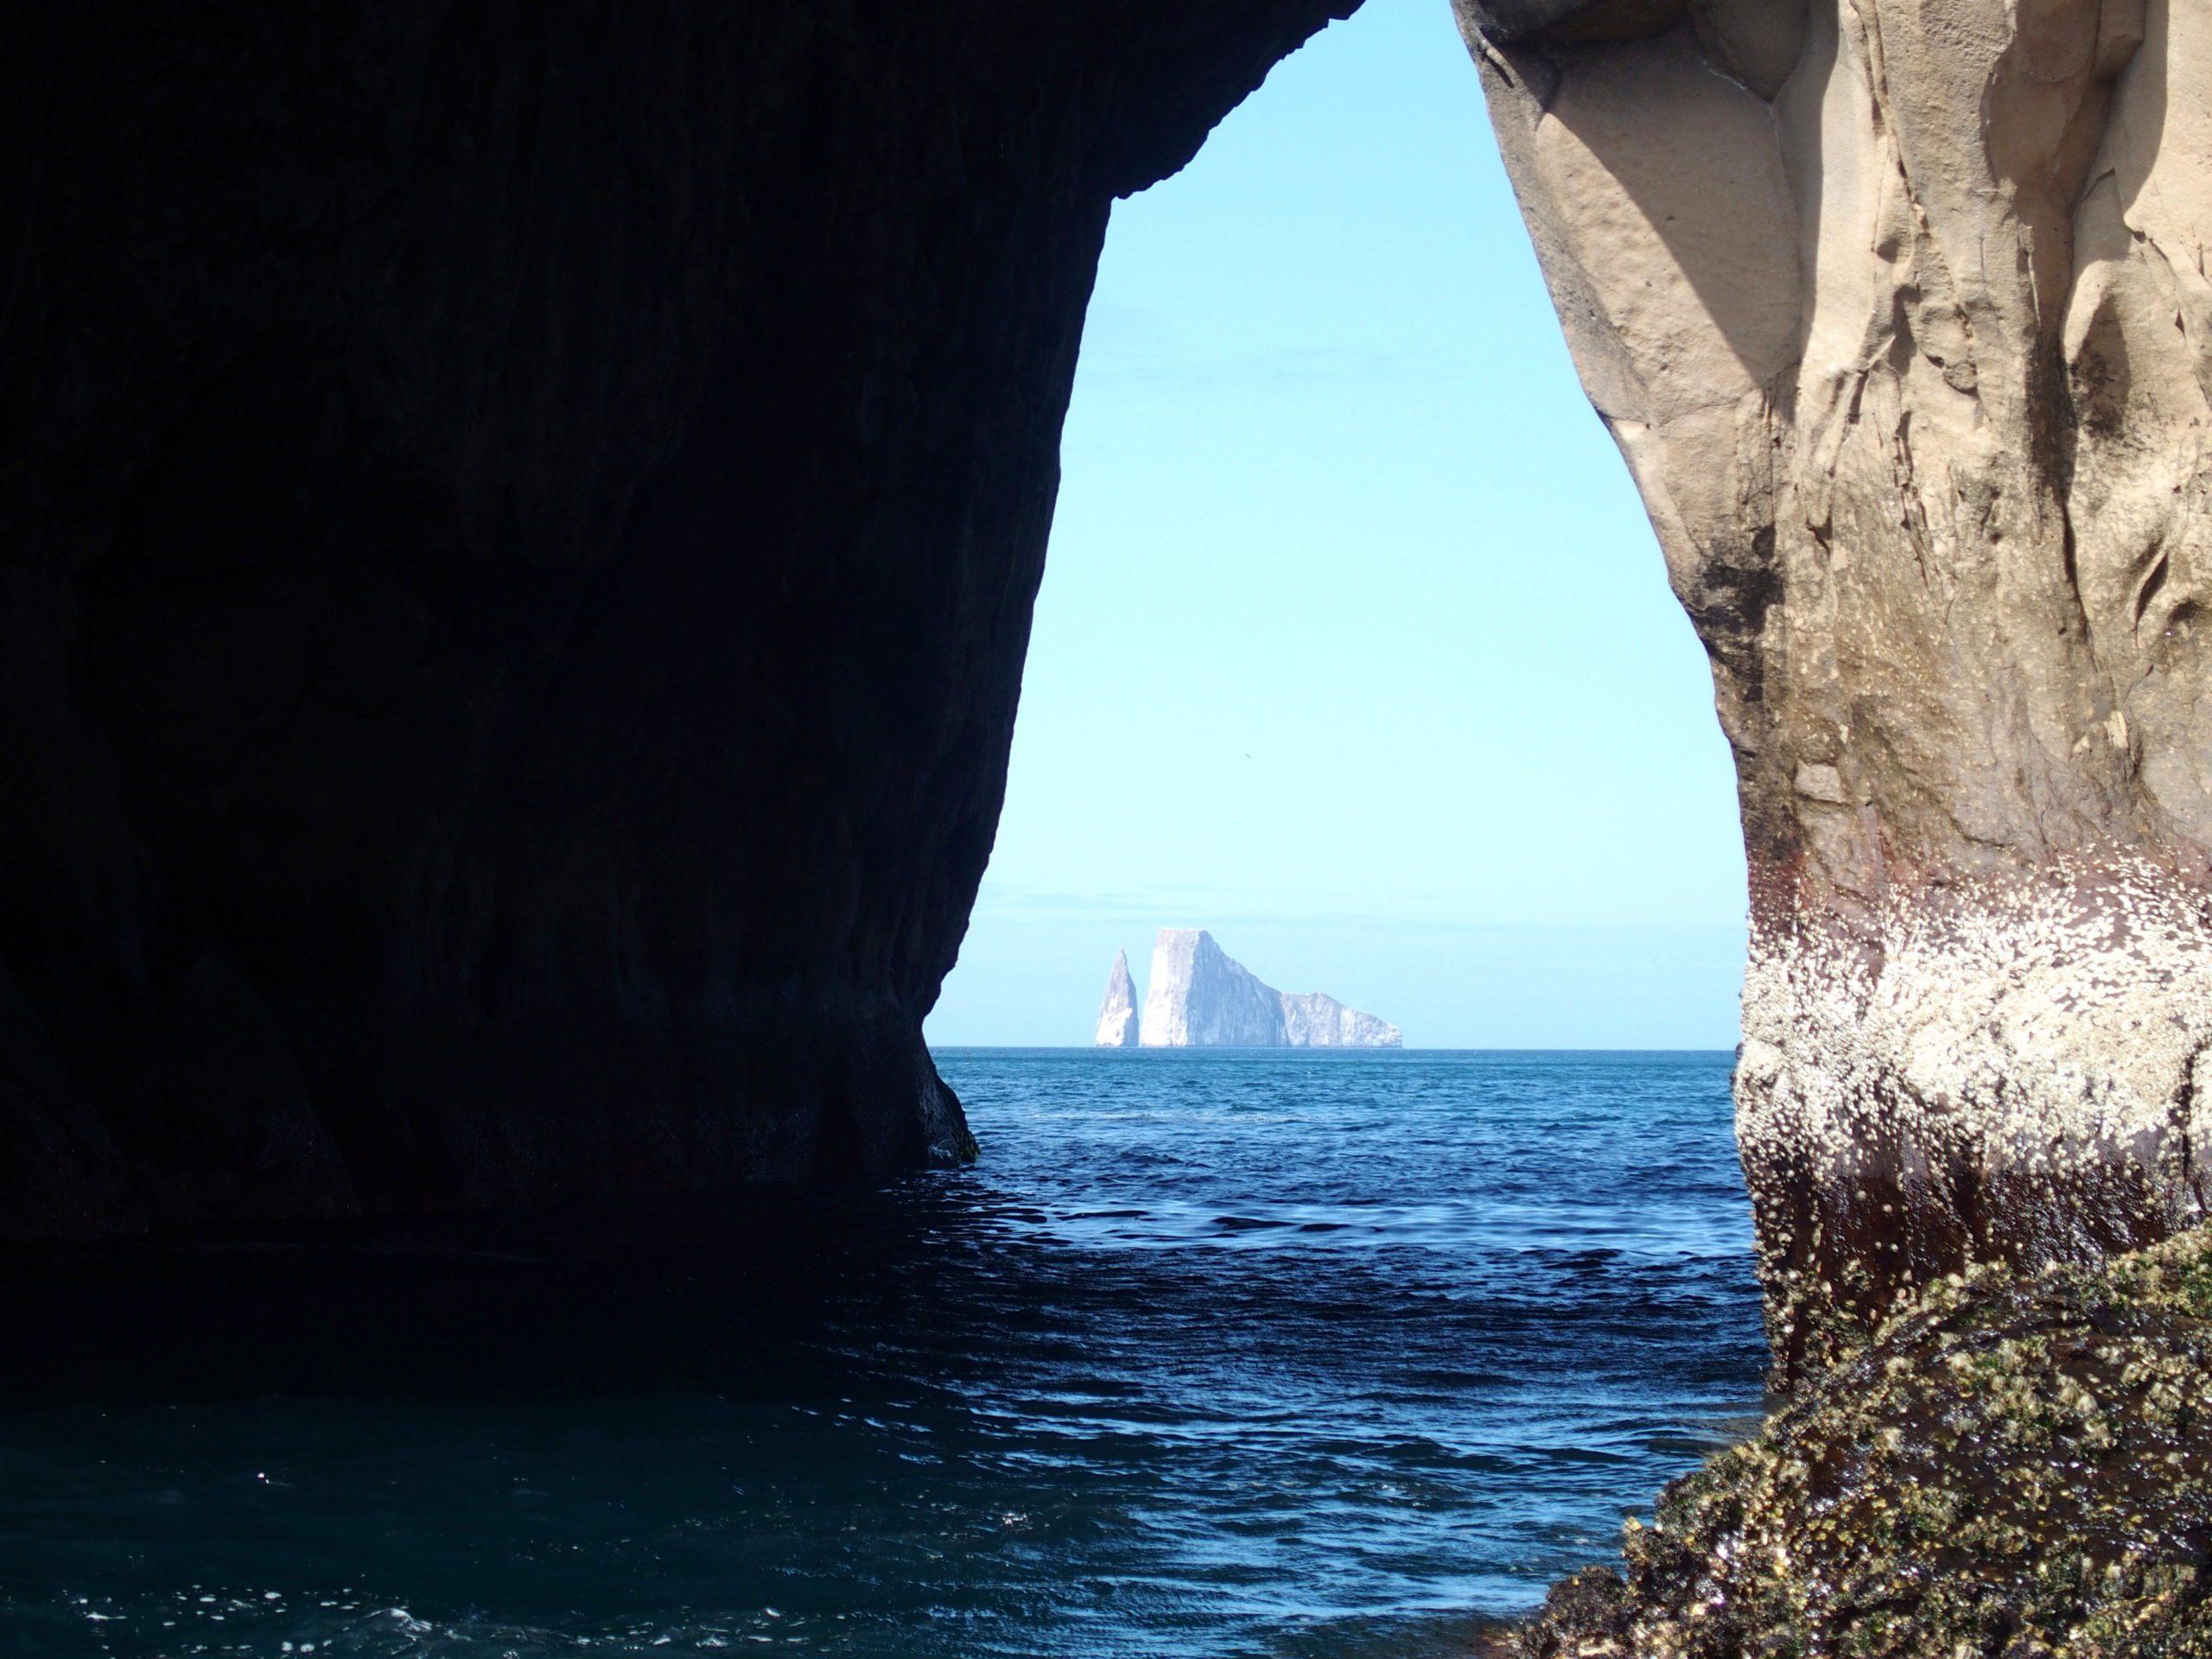 Kicker Rock vu d'une fosse dans un rocher San Cristobal Galapagos